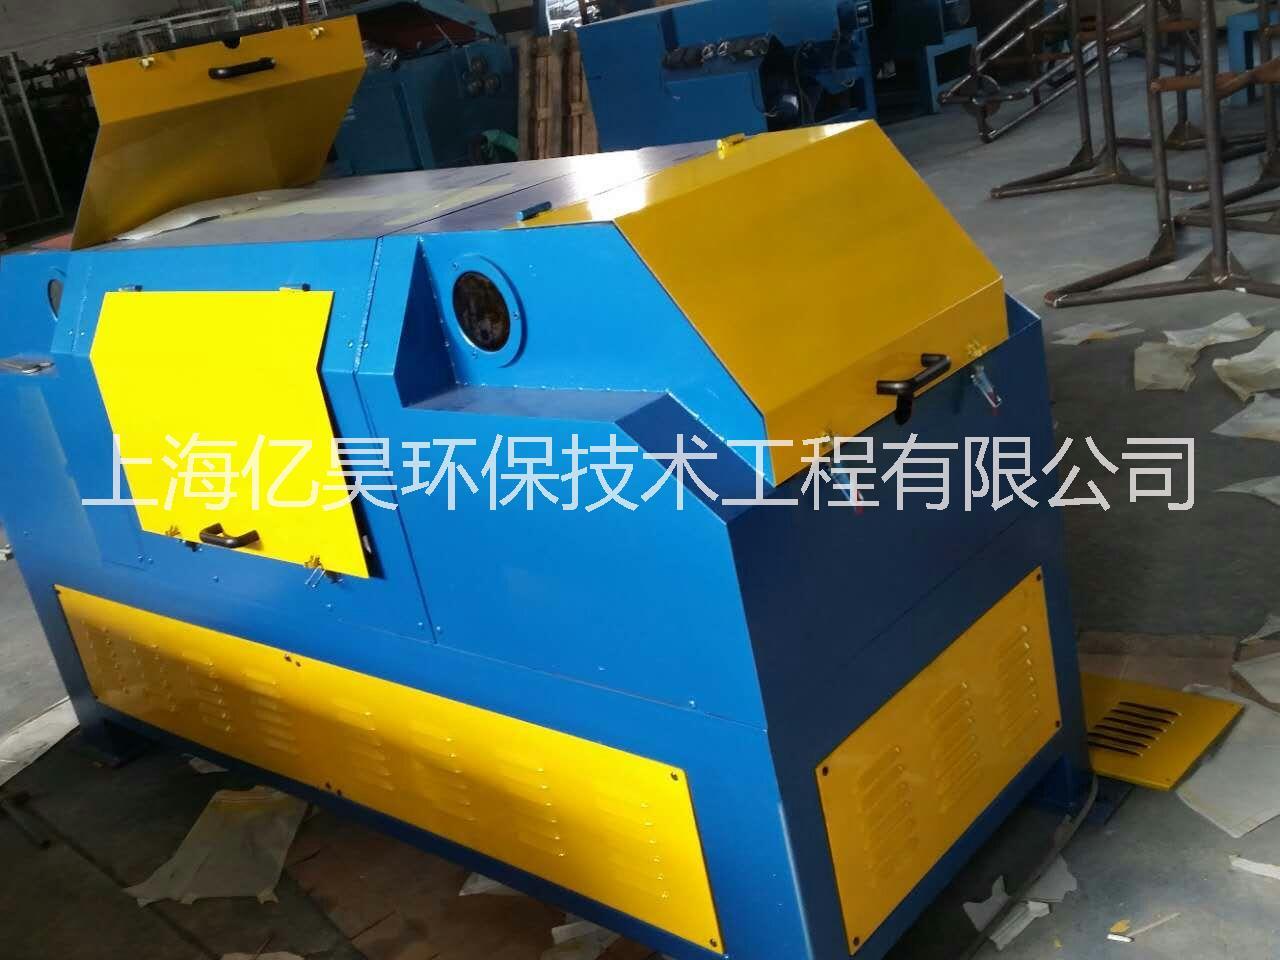 焊丝生产盘圆专用无酸洗砂带除锈机SD-55